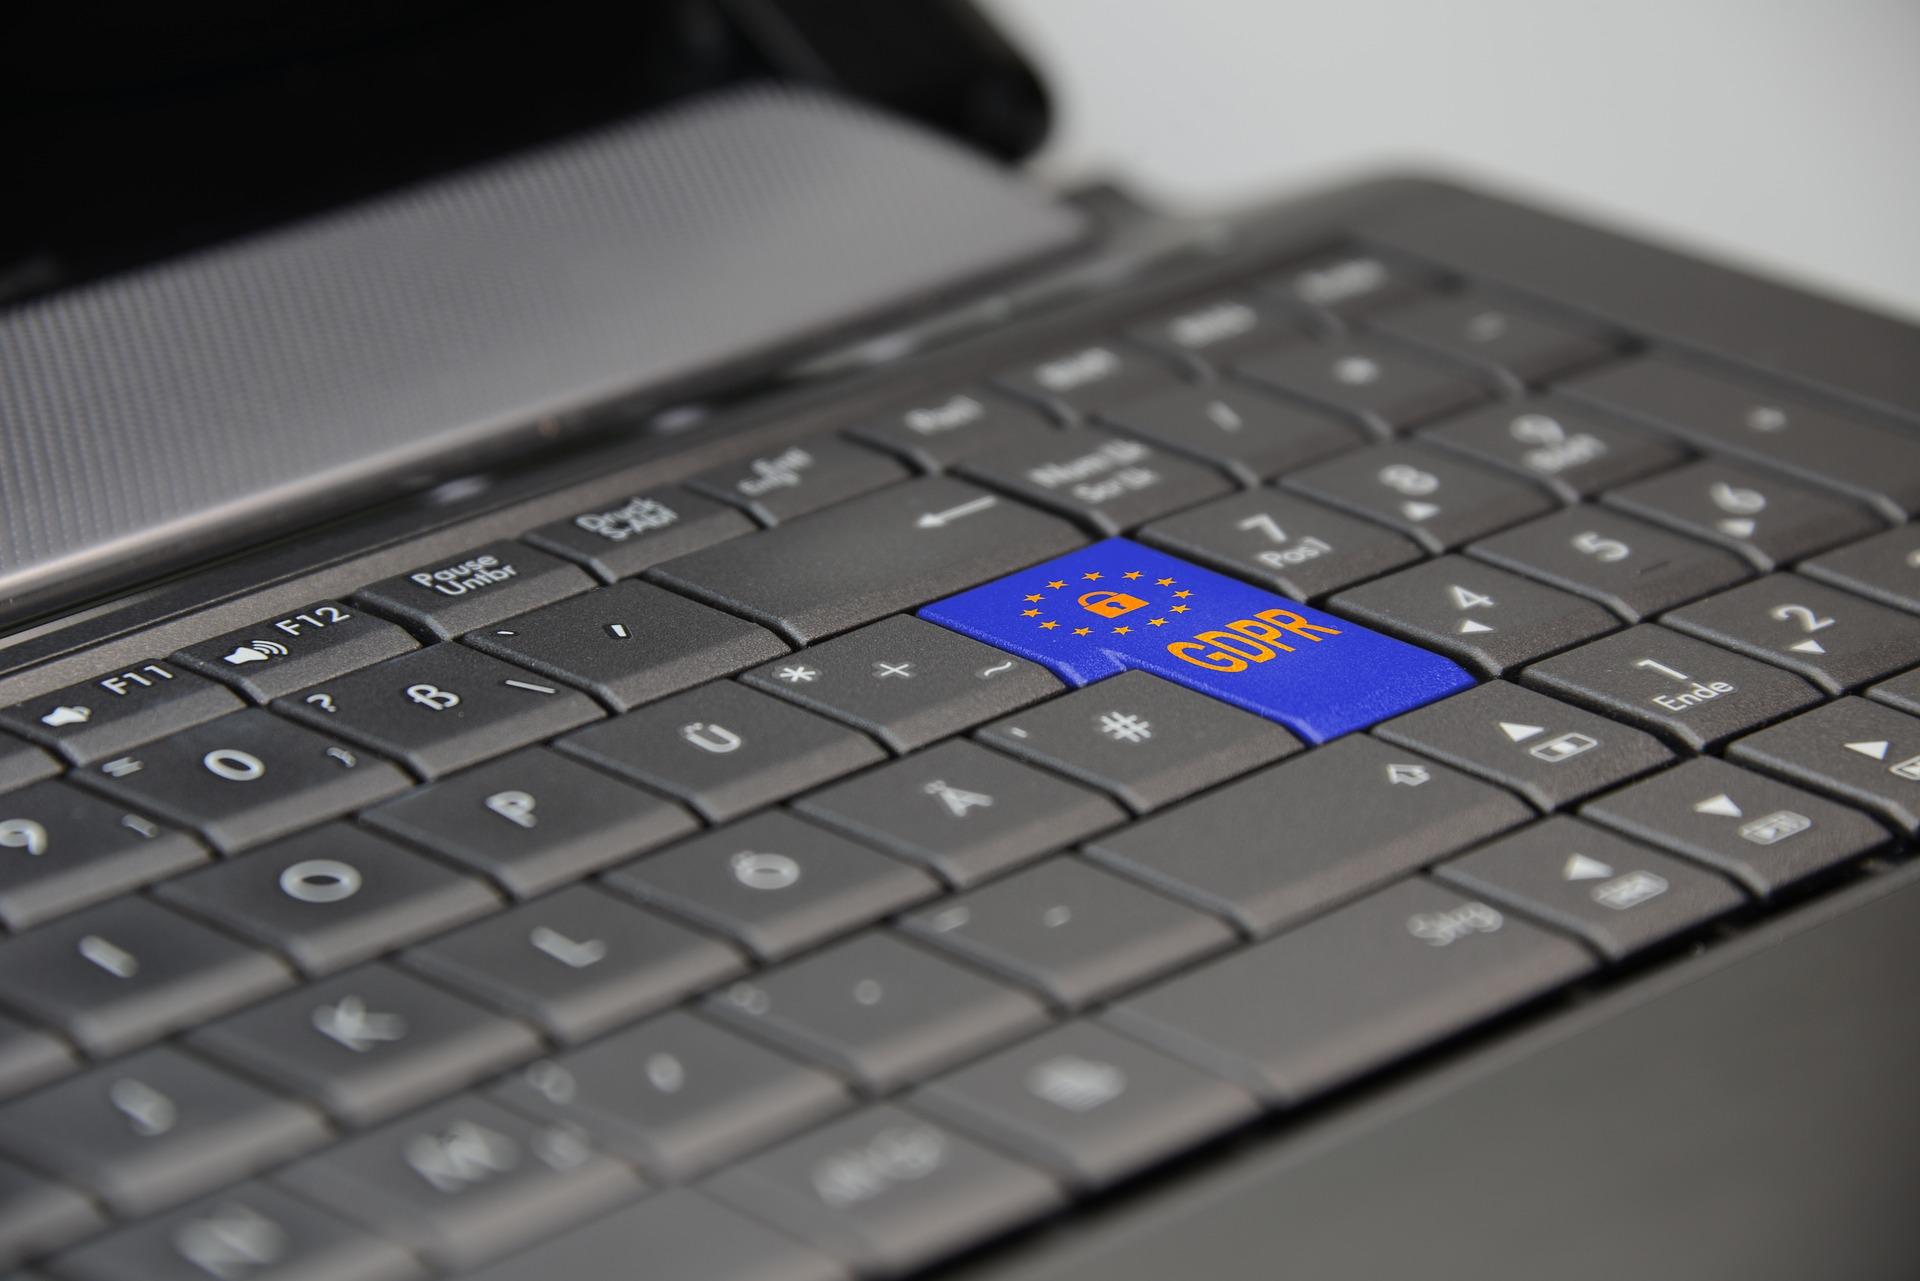 Політика Конфіденційності сайту за правиламиGDPR і CCPA